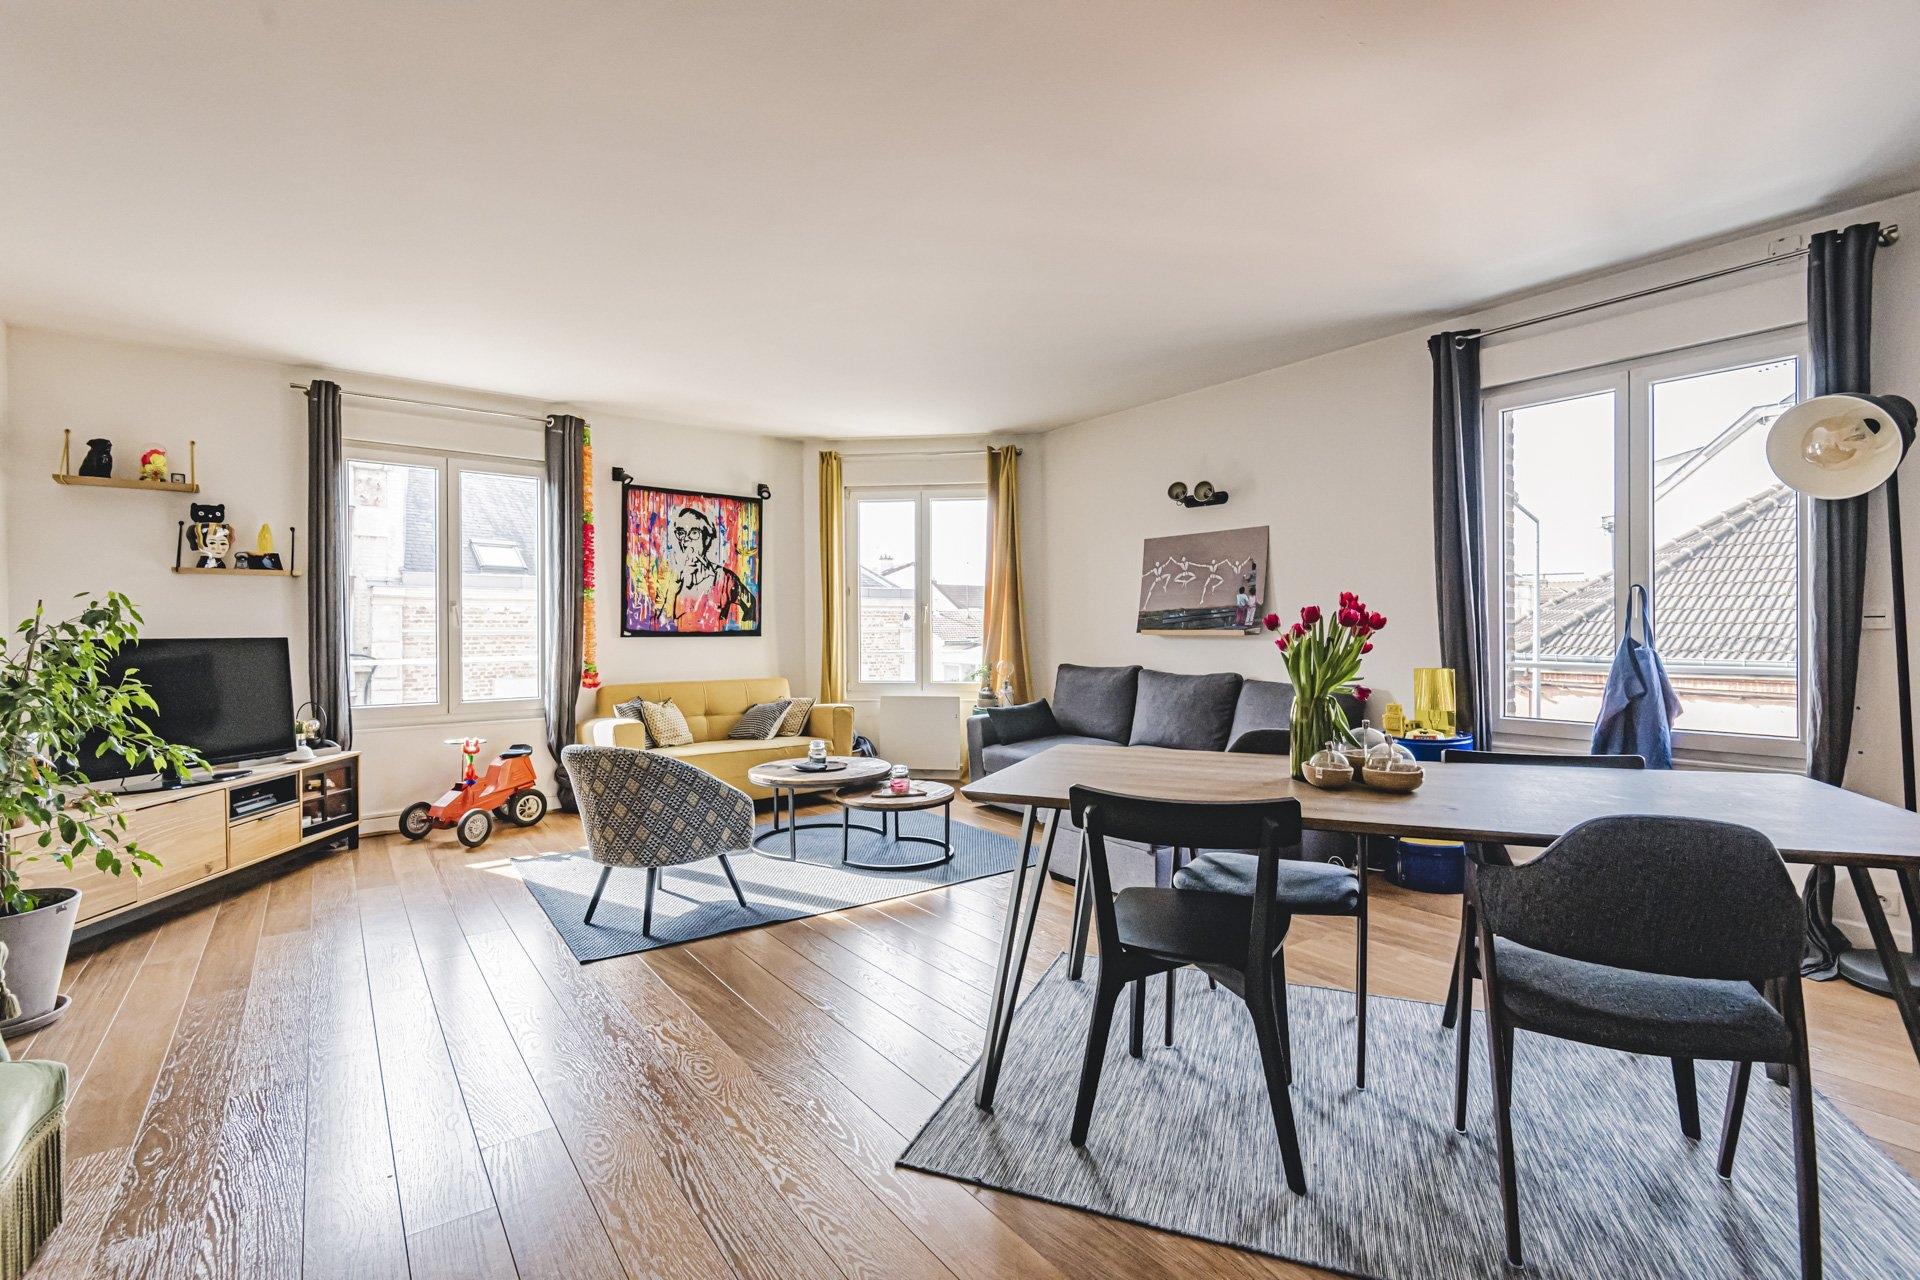 Appartement Reims 4 Pièces 104 m2 - 2